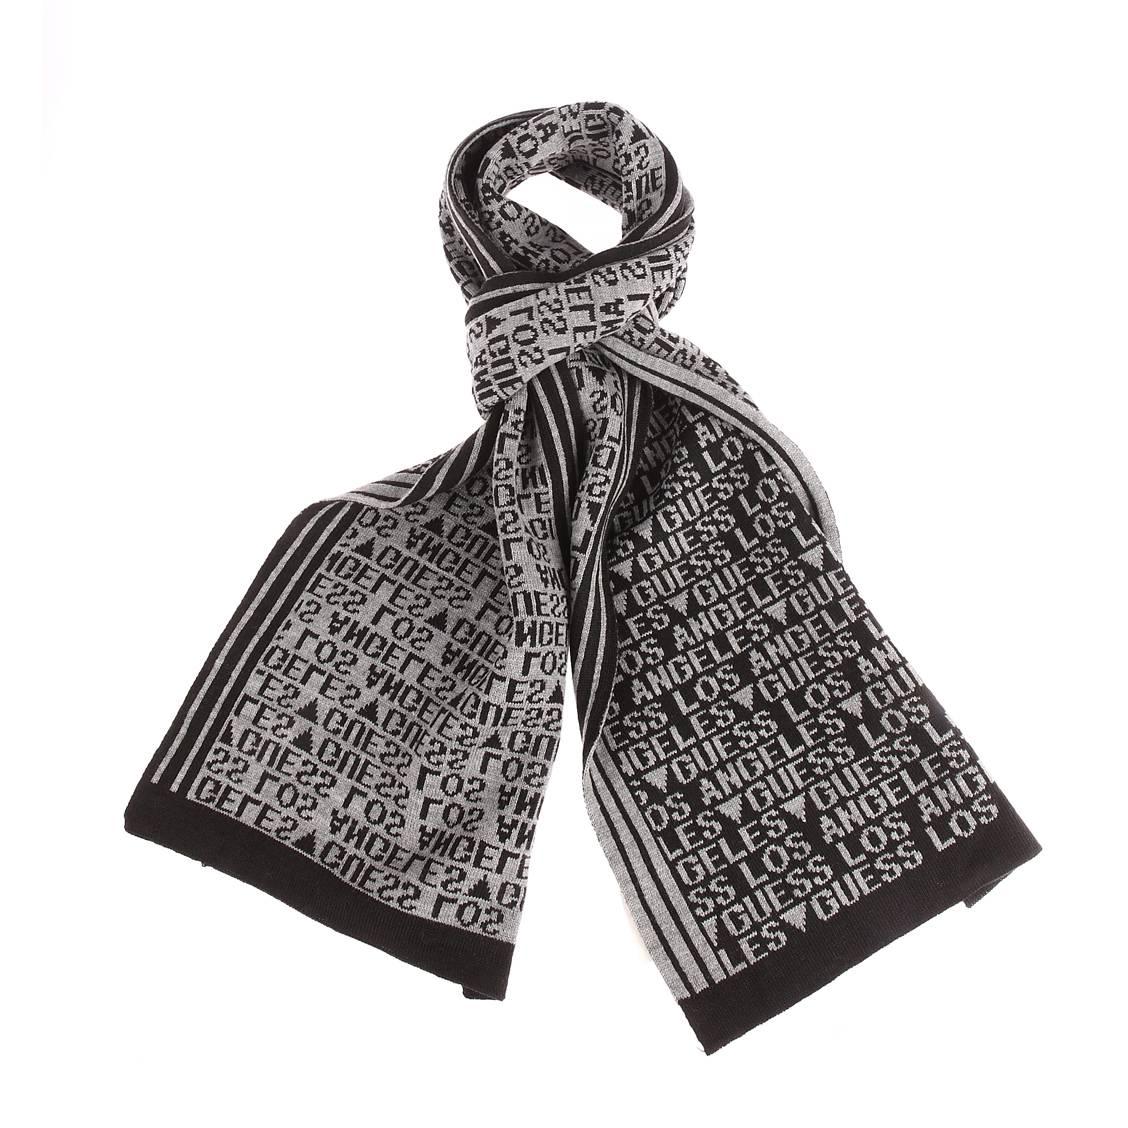 Echarpe guess grise et noire monogrammée